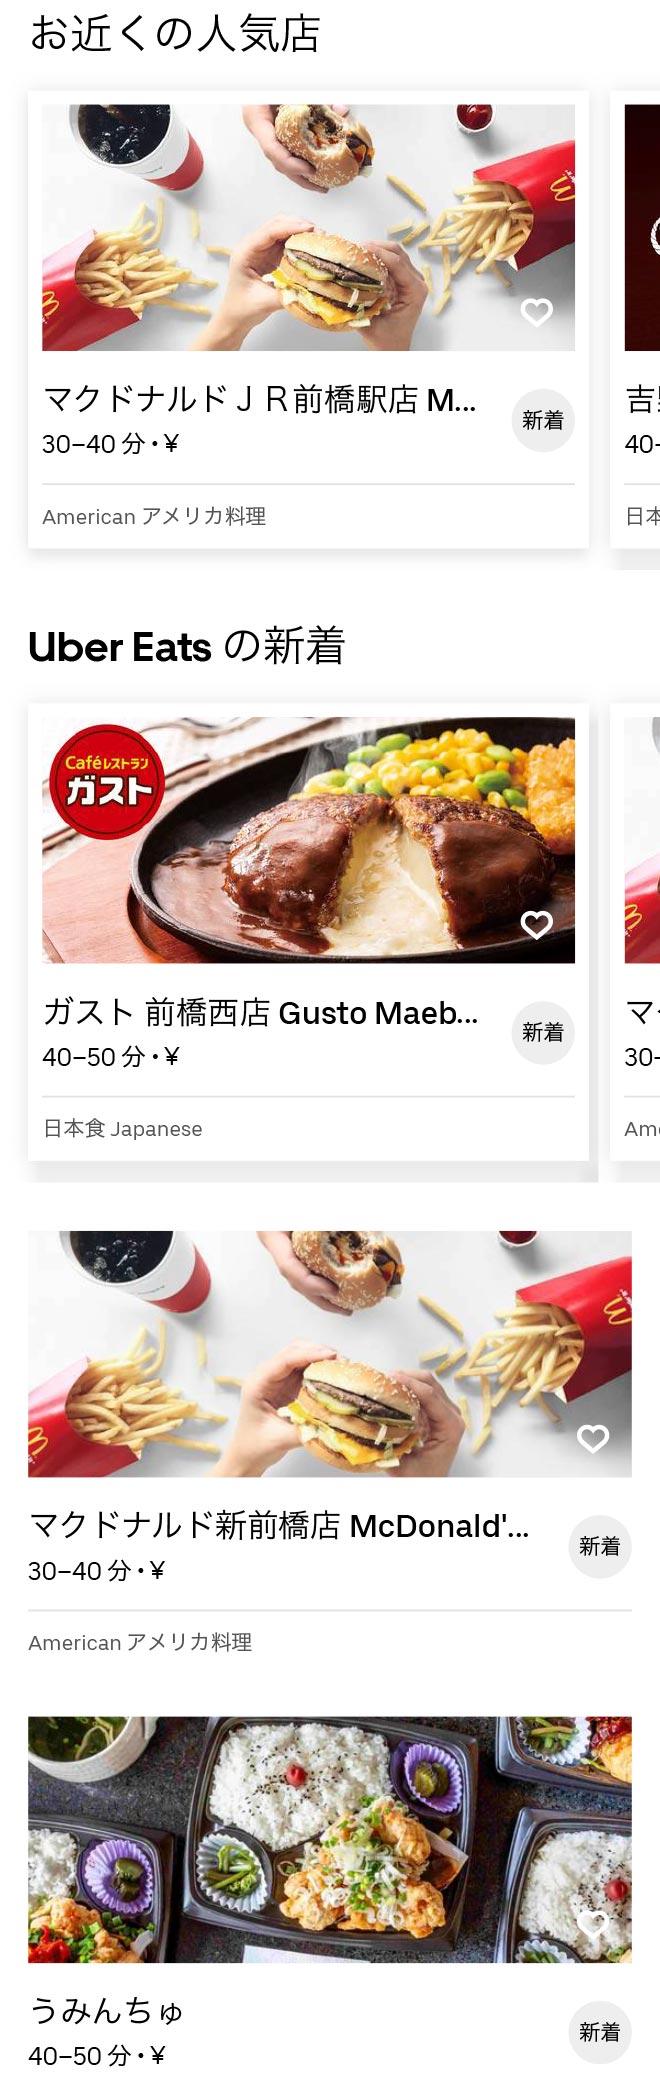 Shin maebashi menu 2009 1